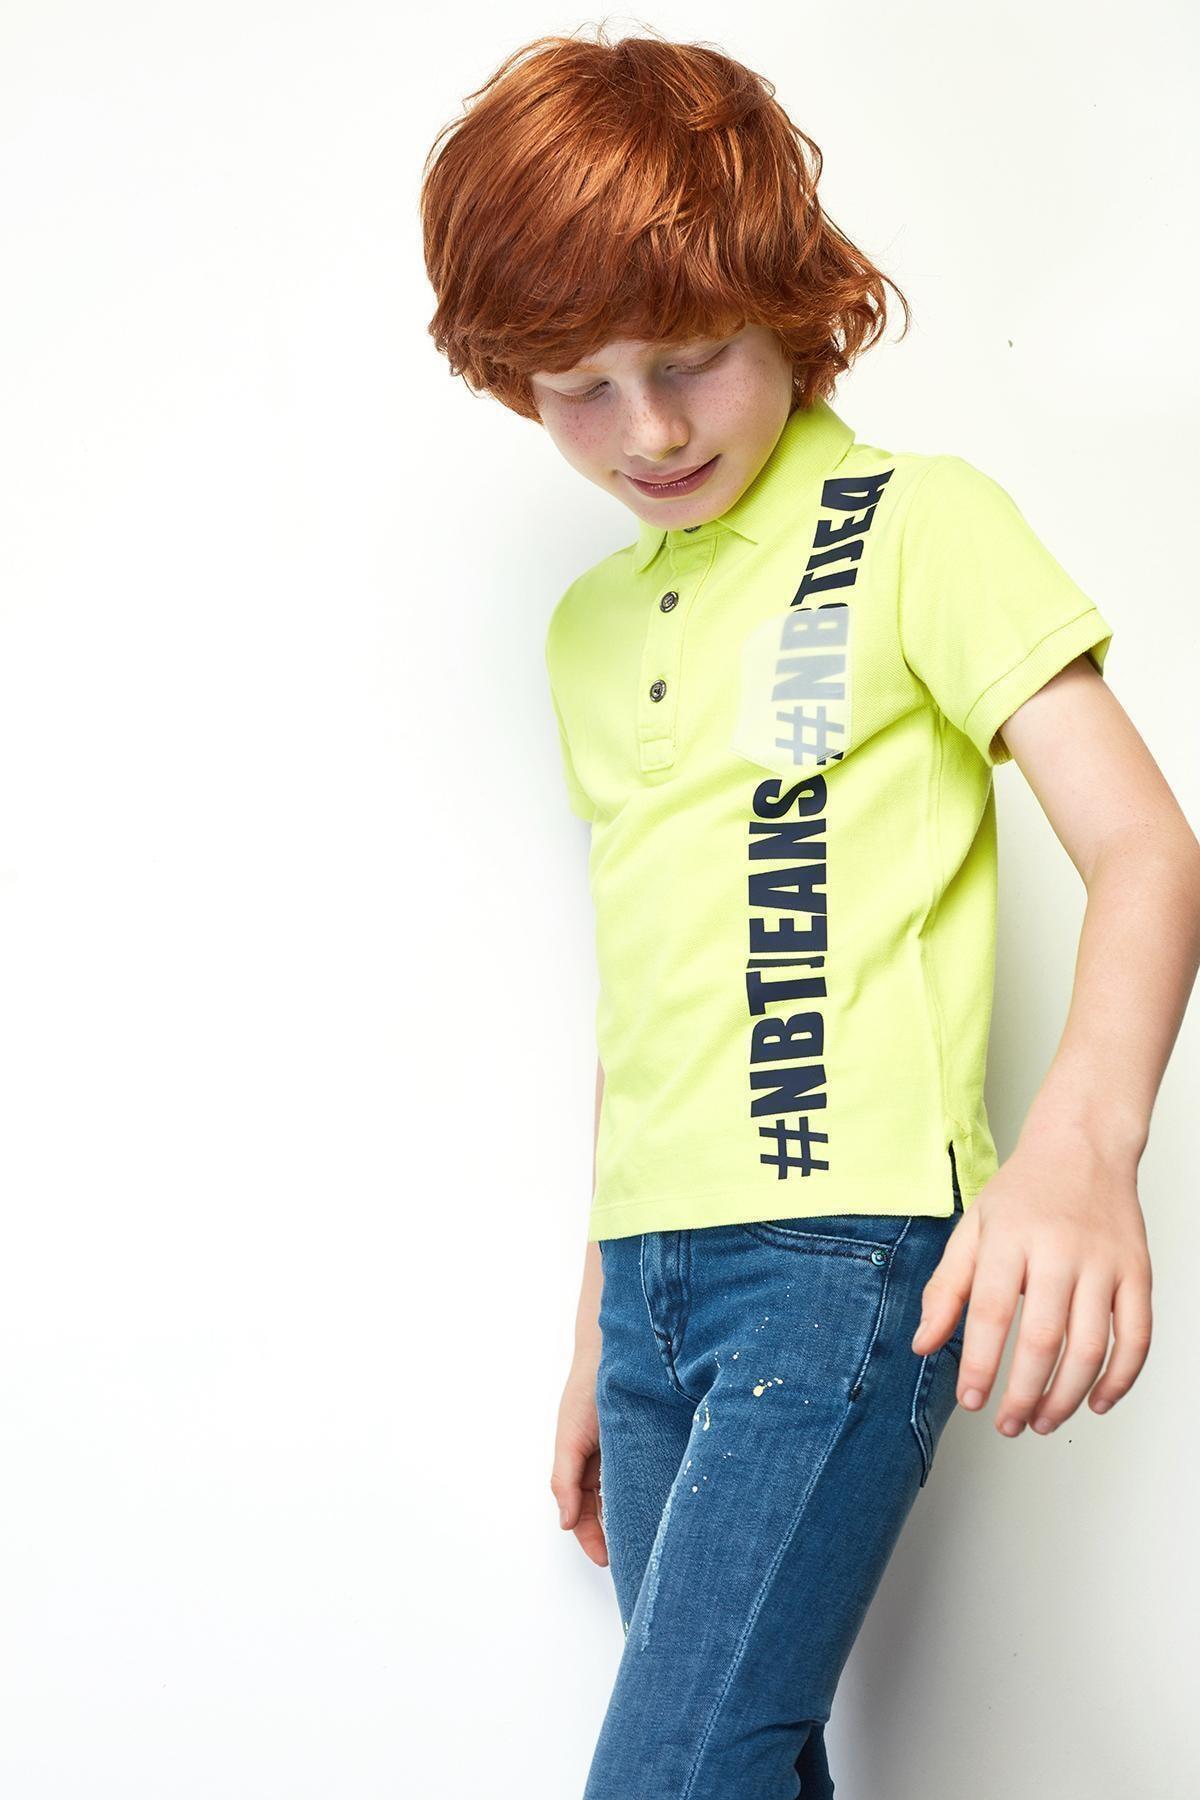 Nebbati Erkek Çocuk Jean Pantolon 19ss1nb3207 1